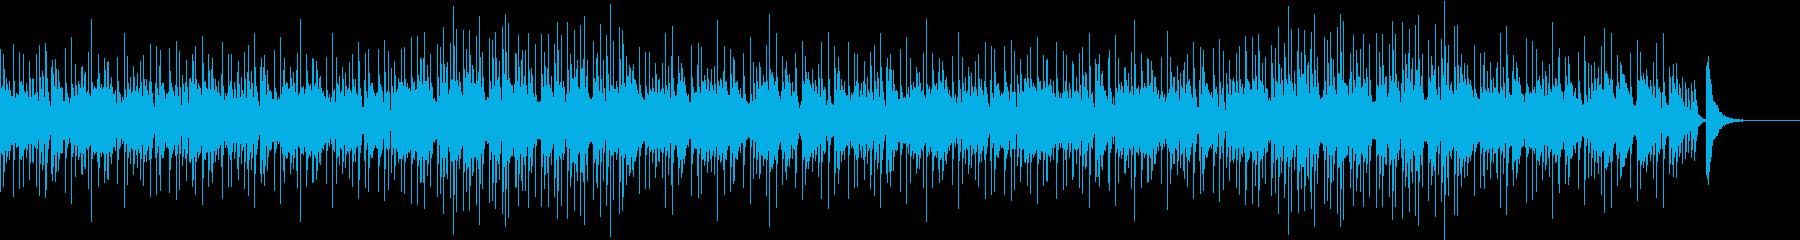 和風・中華風なBGMの再生済みの波形